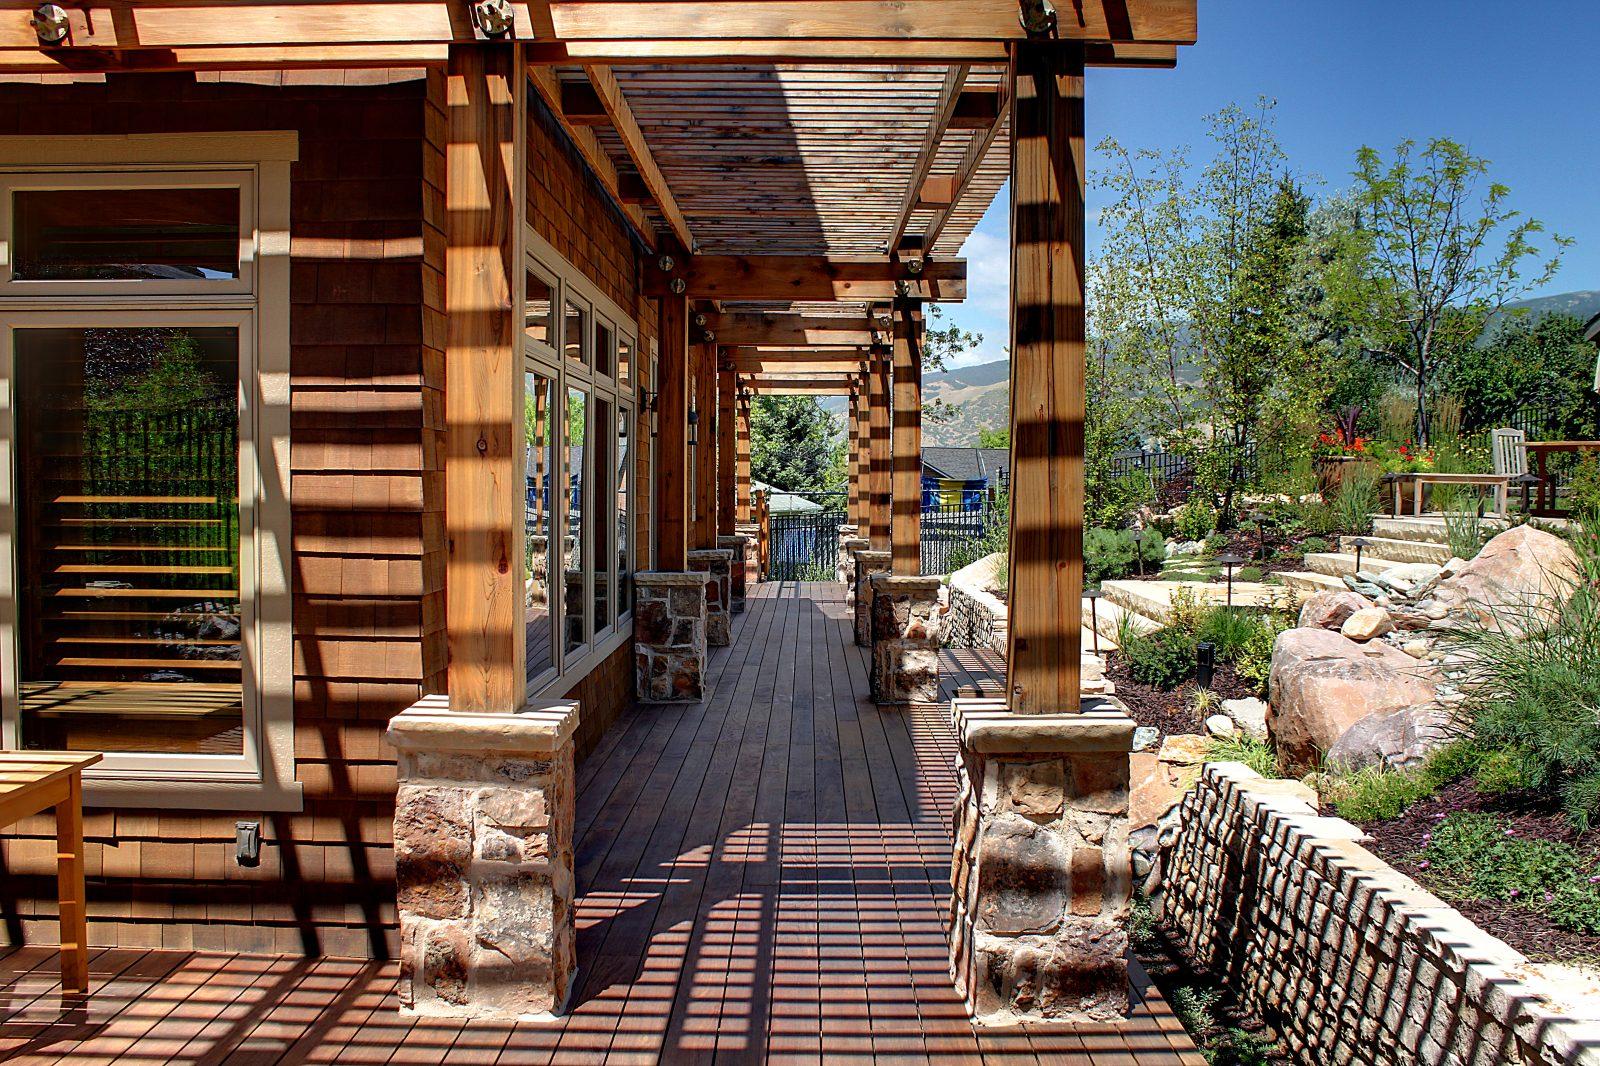 After_Exterior-Remodel_Deck_Addition-Porch | Renovation Design Group